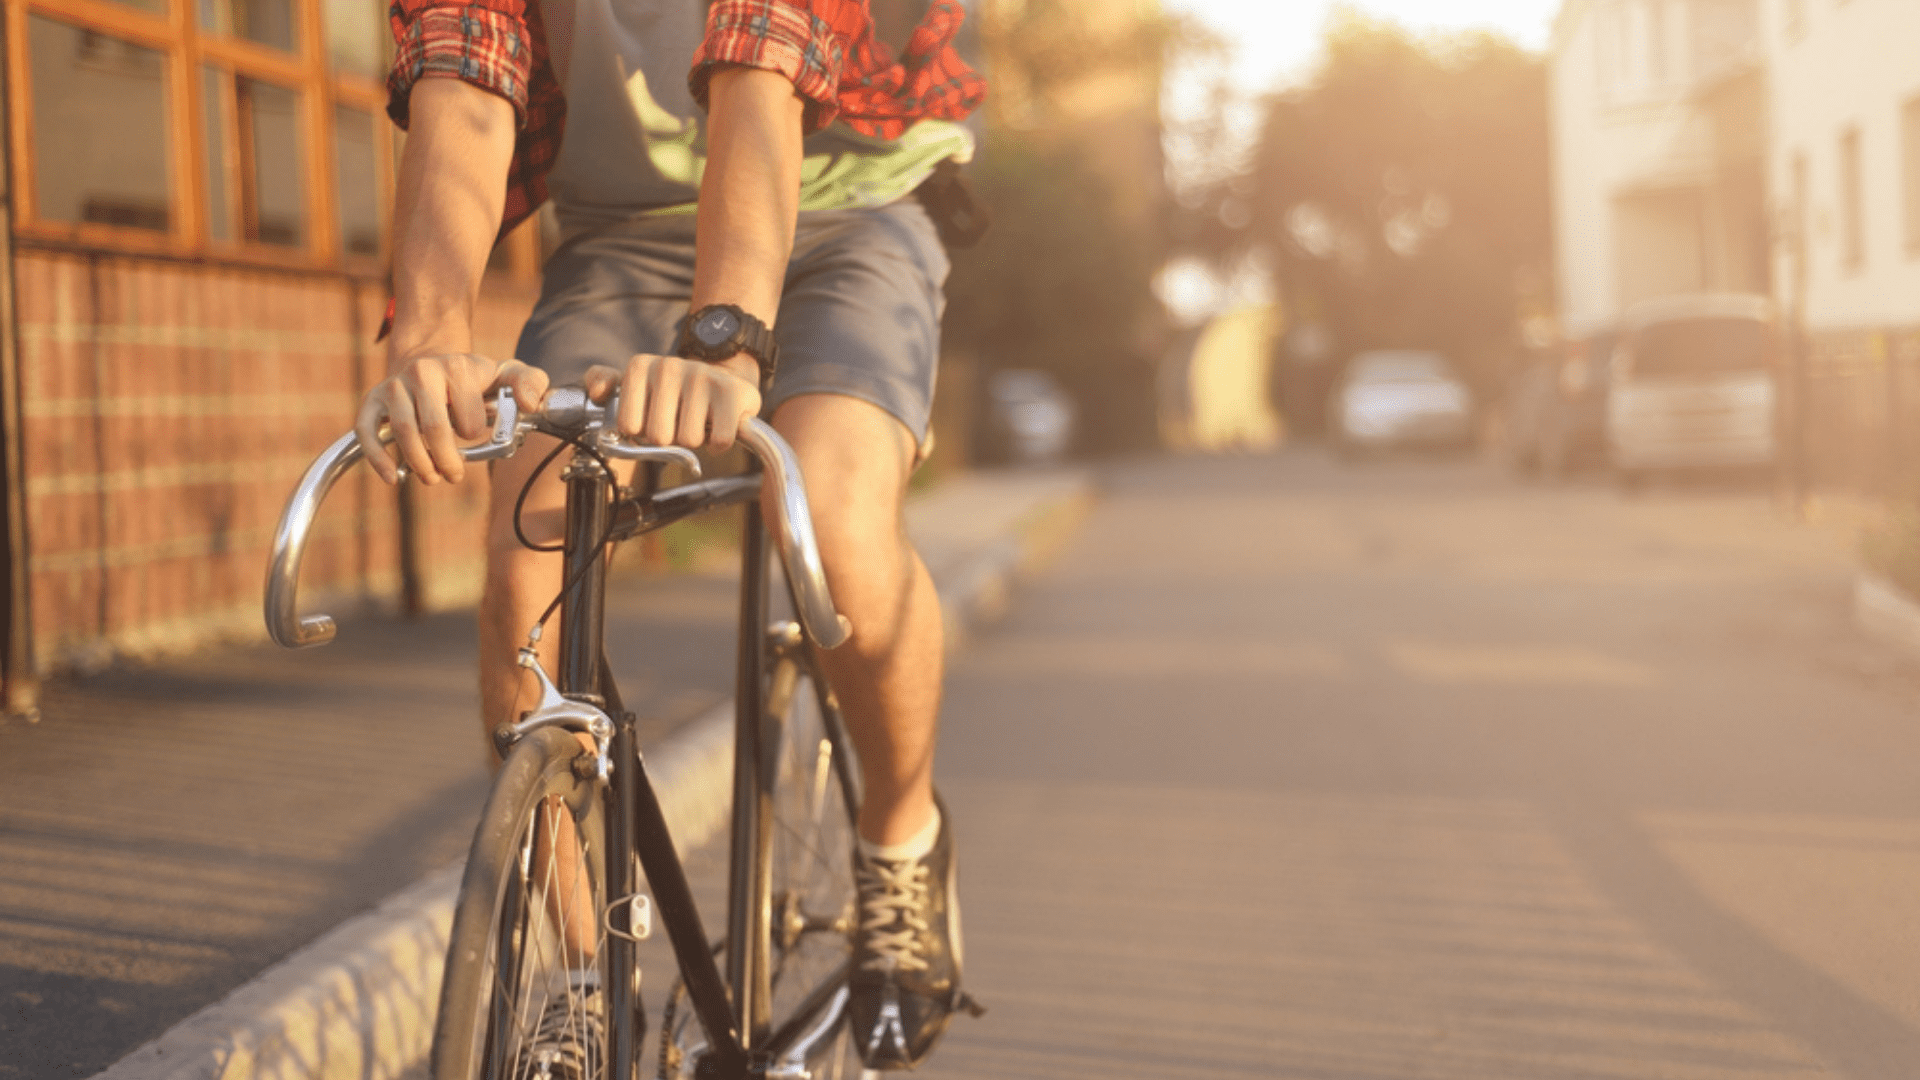 O tamanho de bicicleta está diretamente relacionado à sua altura (Imagem: Reprodução/Shutterstock)